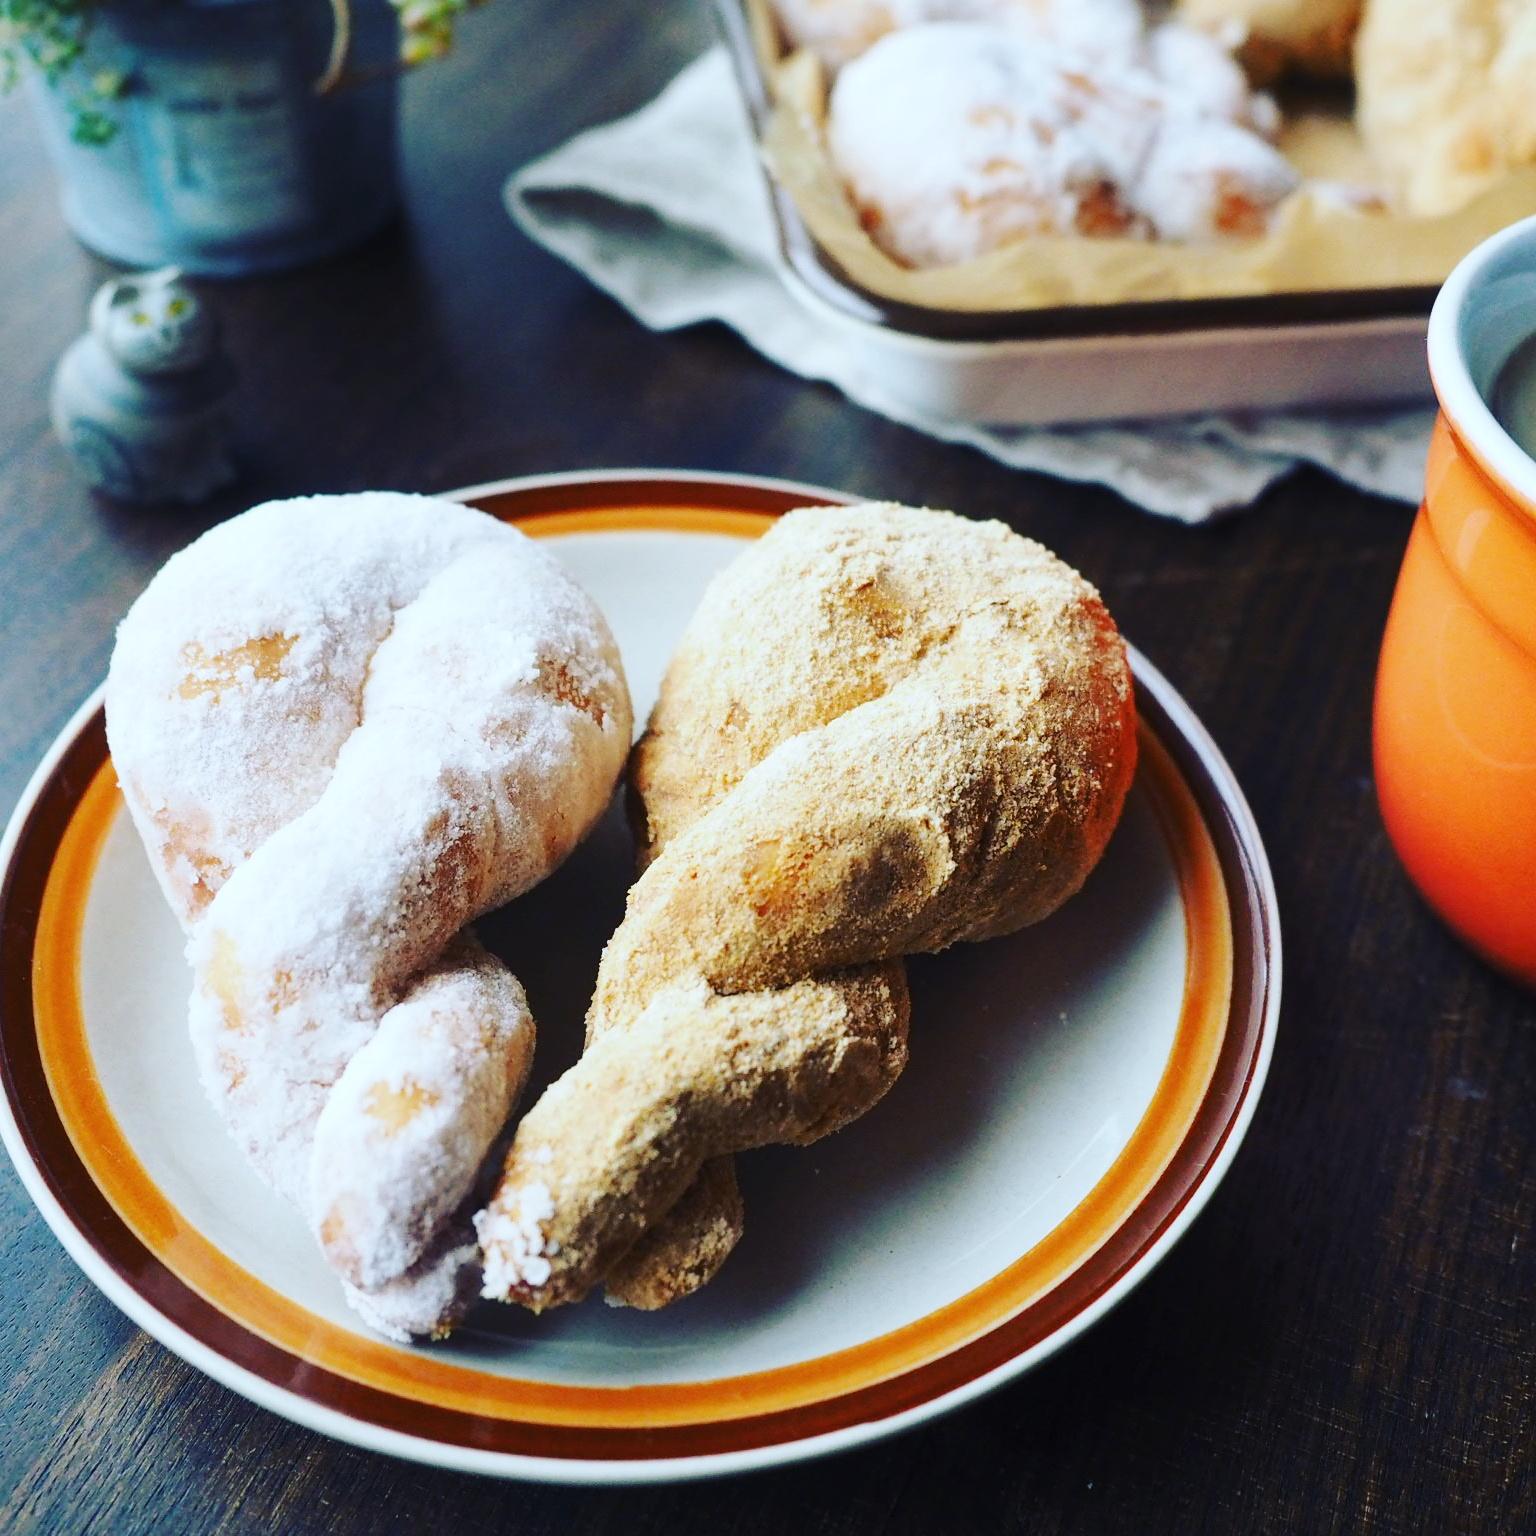 な ドーナツ しゃ ママ たった2坪で、1日2000個売れる人気ドーナツ!「イクミママのどうぶつドーナツ」